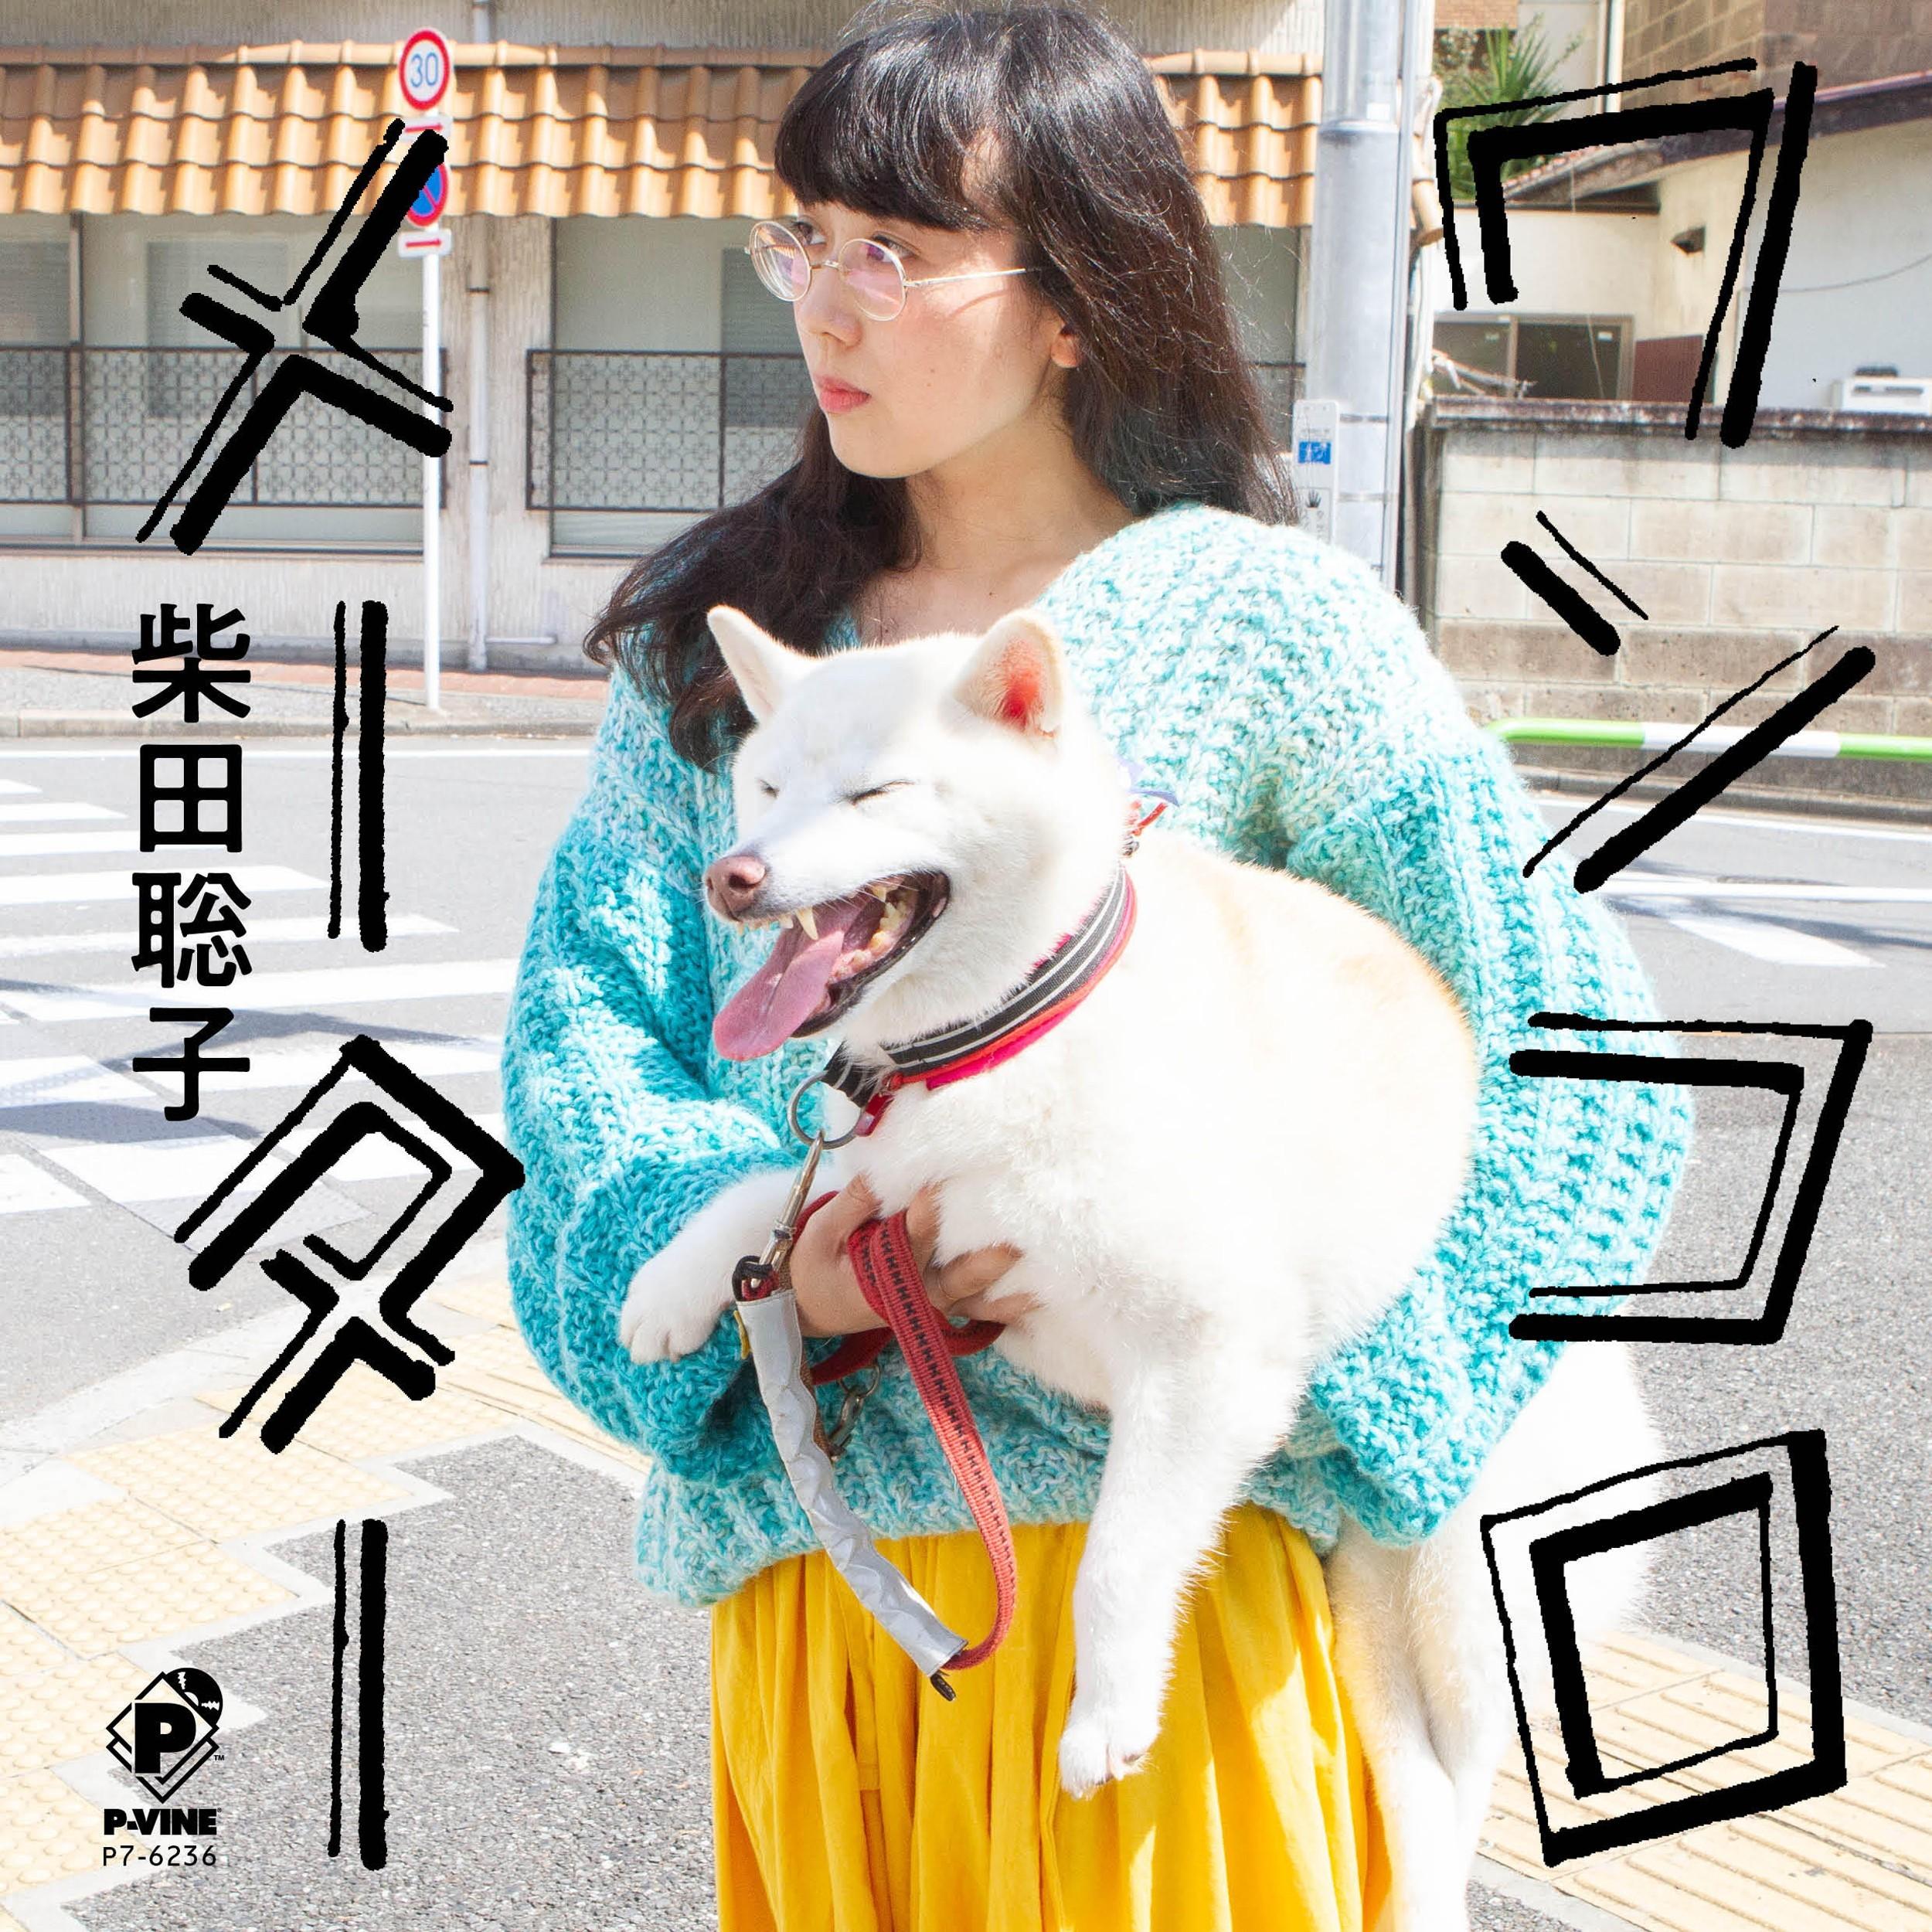 柴田聡子 (Satoko Shibata) – ワンコロメーター/セパタクローの奥義 [FLAC + MP3 320 / WEB] [2018.11.21]